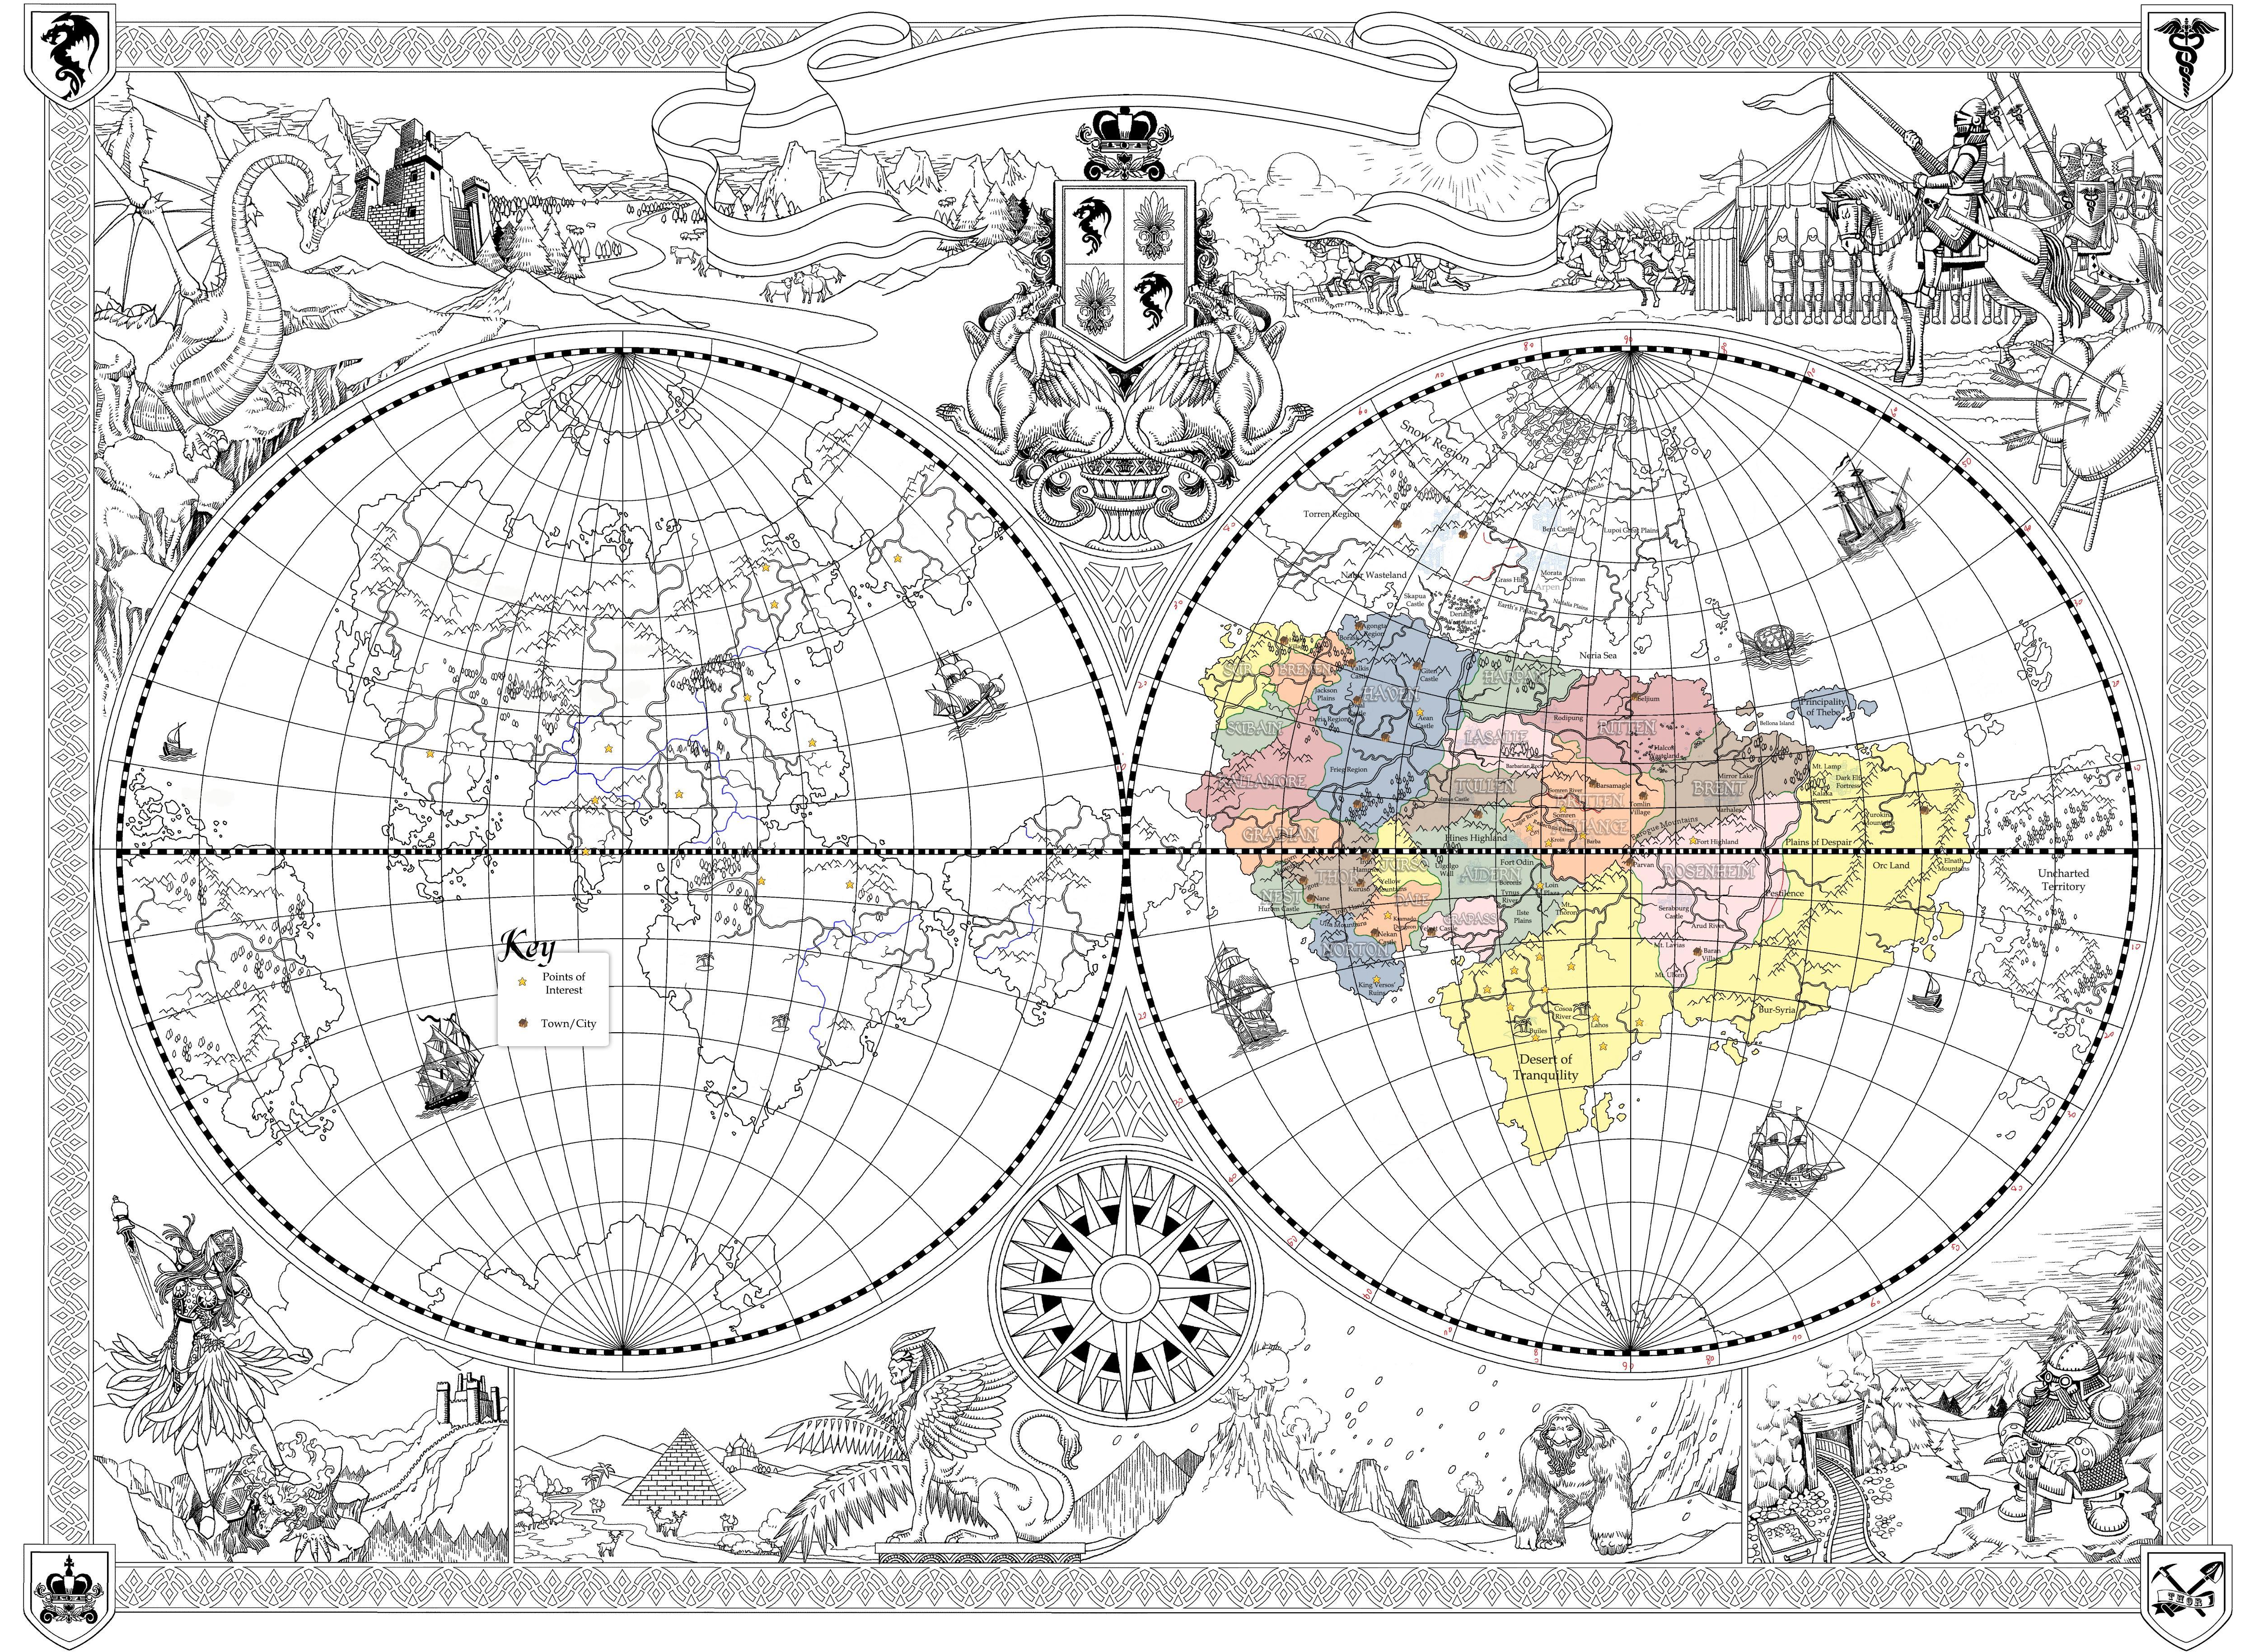 Versailles Continent The Legendary Moonlight Sculptor Wiki